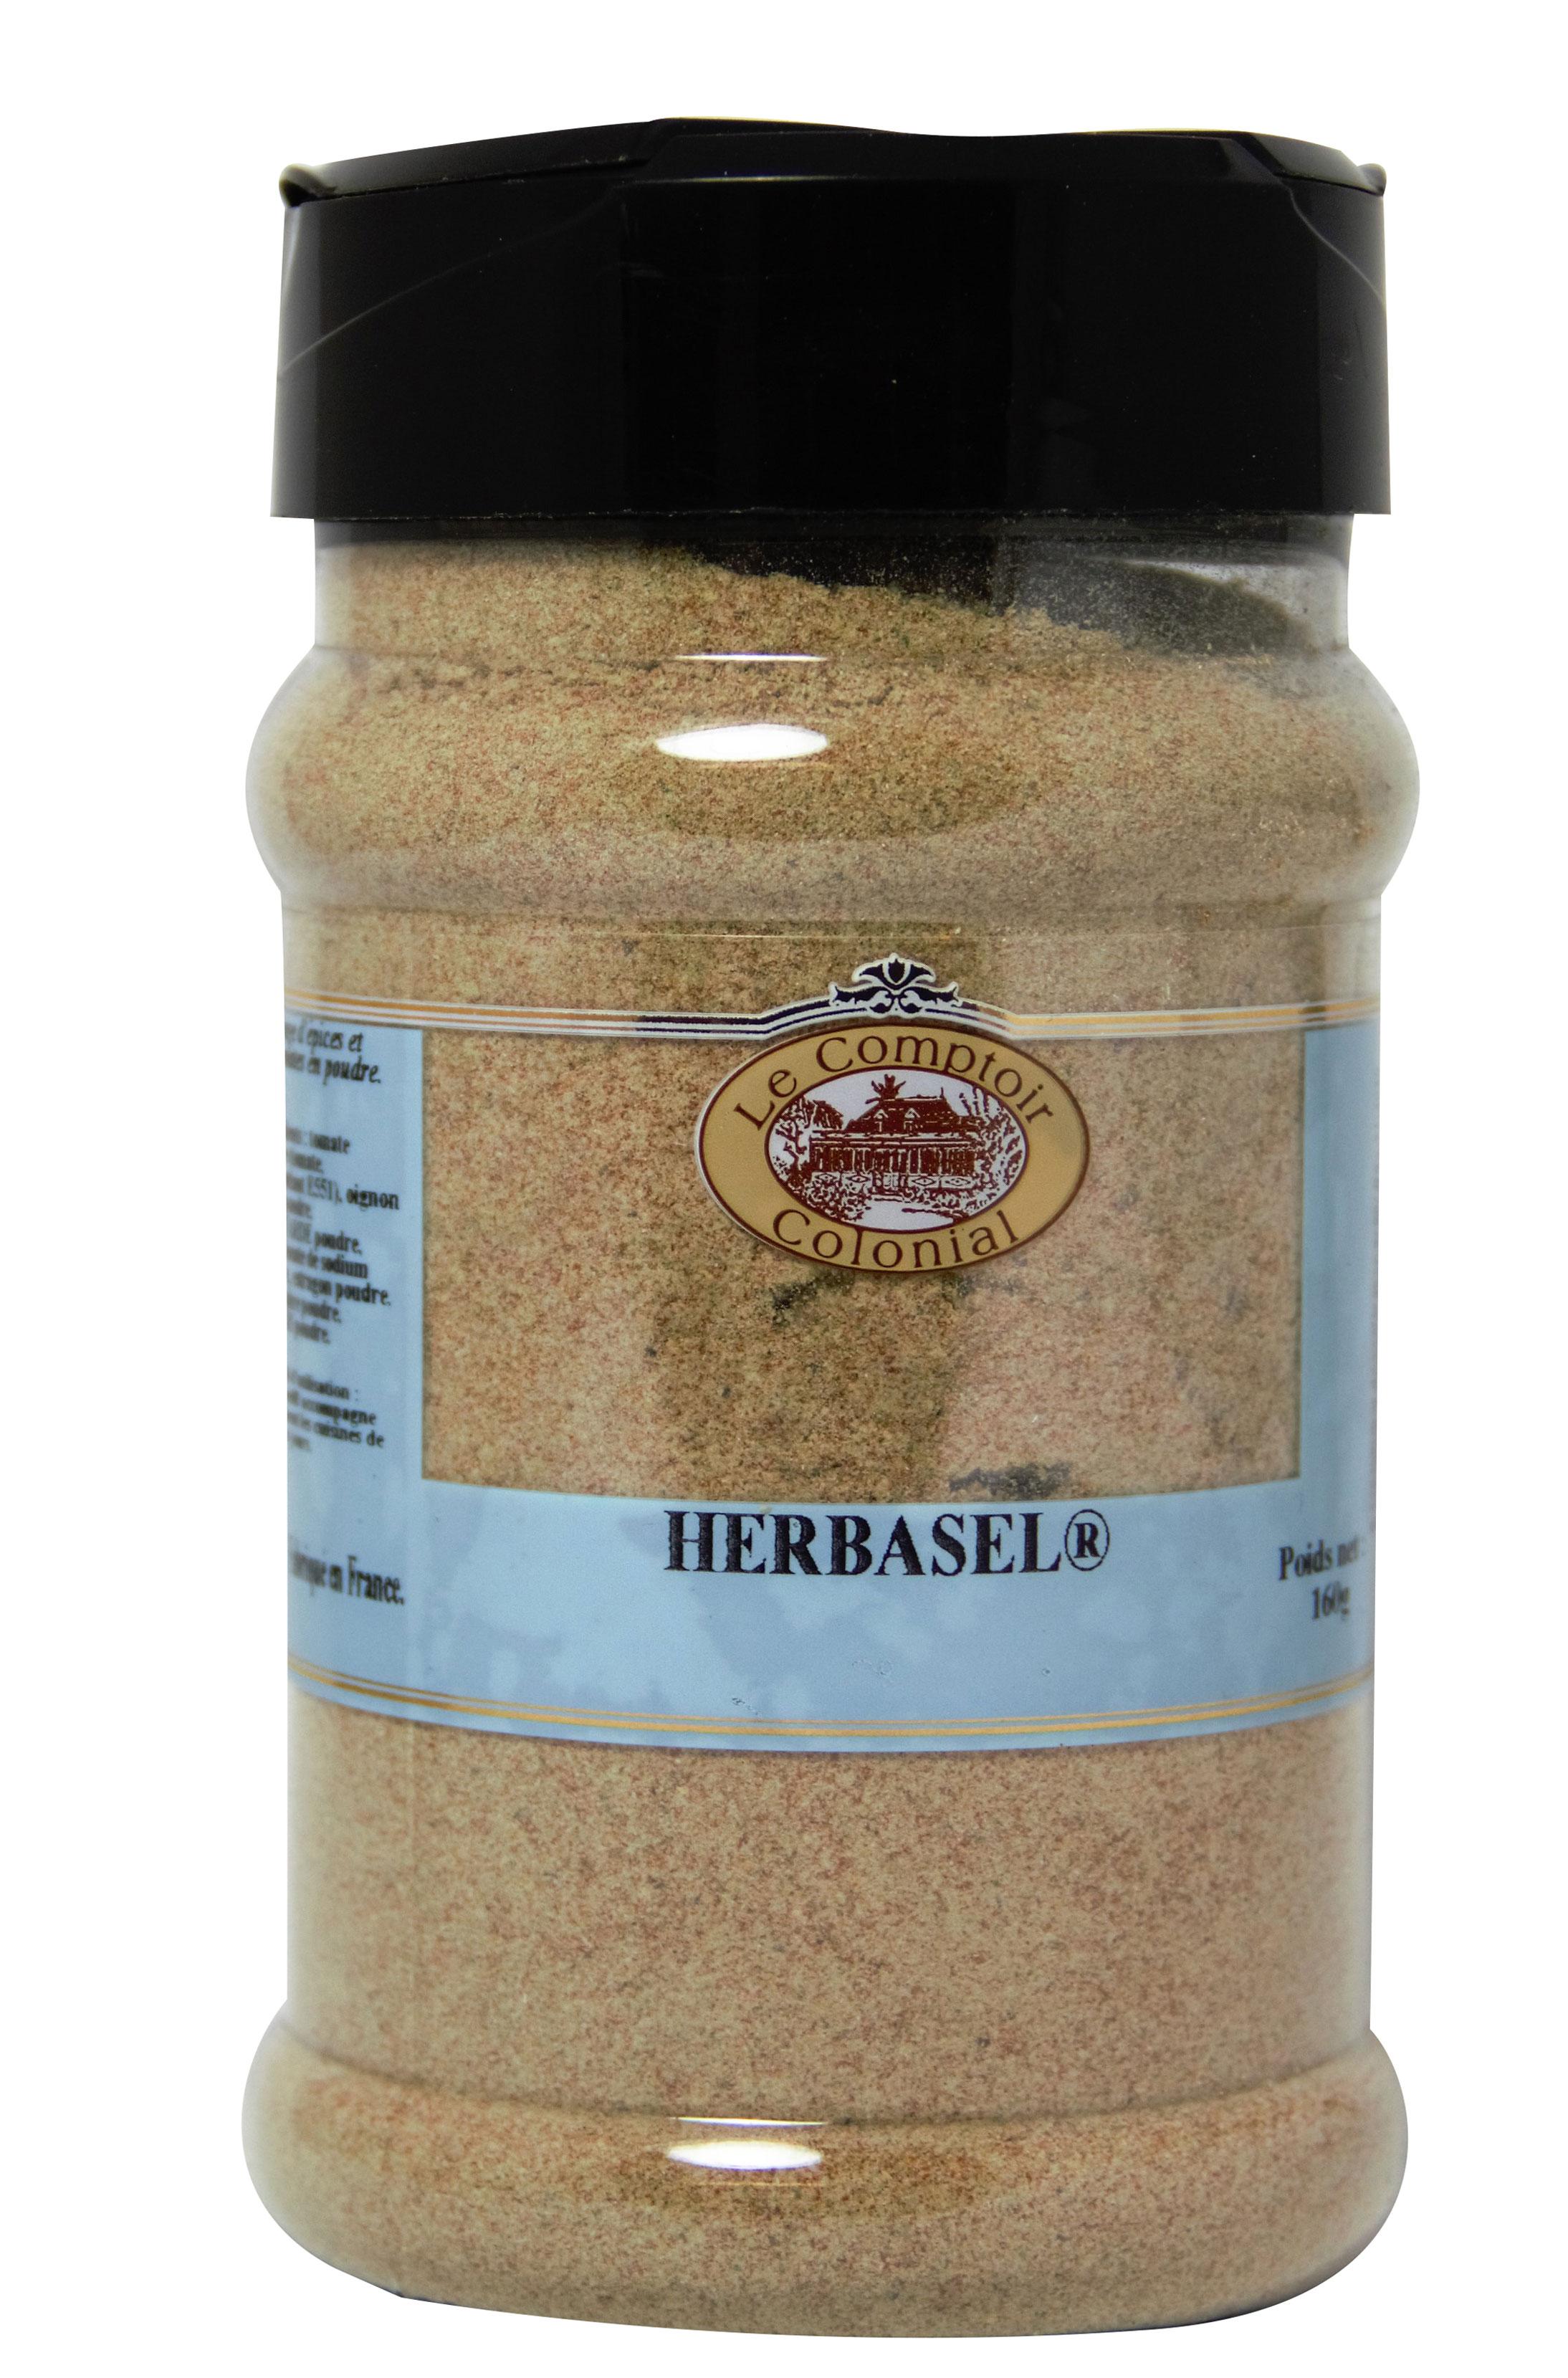 Herbasel 160 g Le Comptoir Colonial